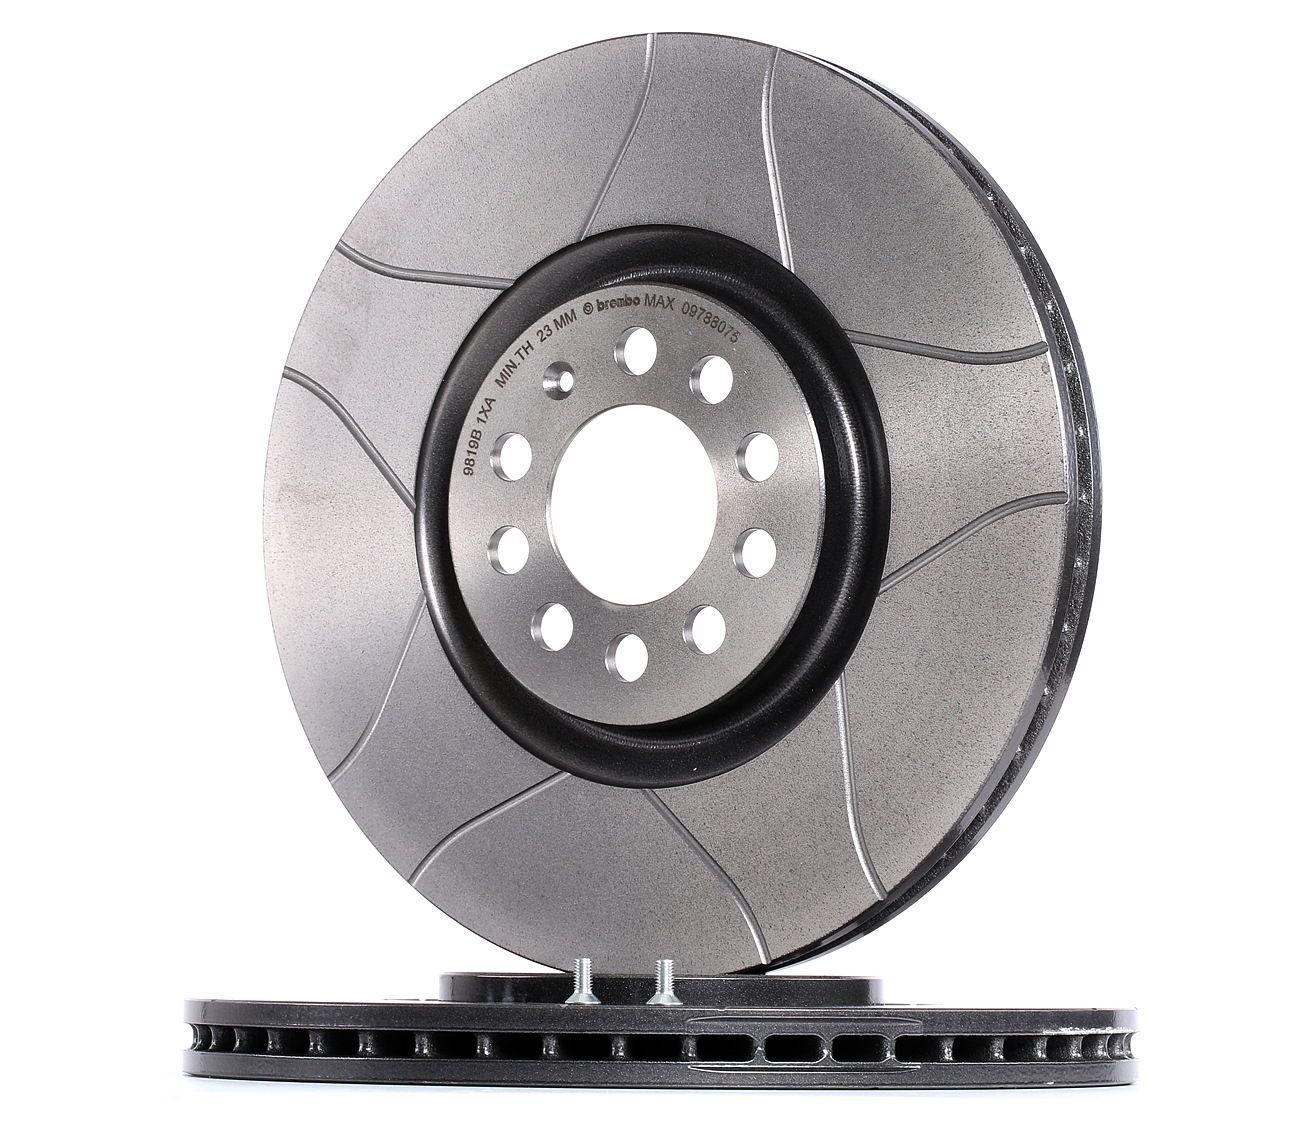 Achetez Disques de frein BREMBO 09.7880.75 (Ø: 312mm, Nbre de trous: 5, Épaisseur du disque de frein: 25mm) à un rapport qualité-prix exceptionnel